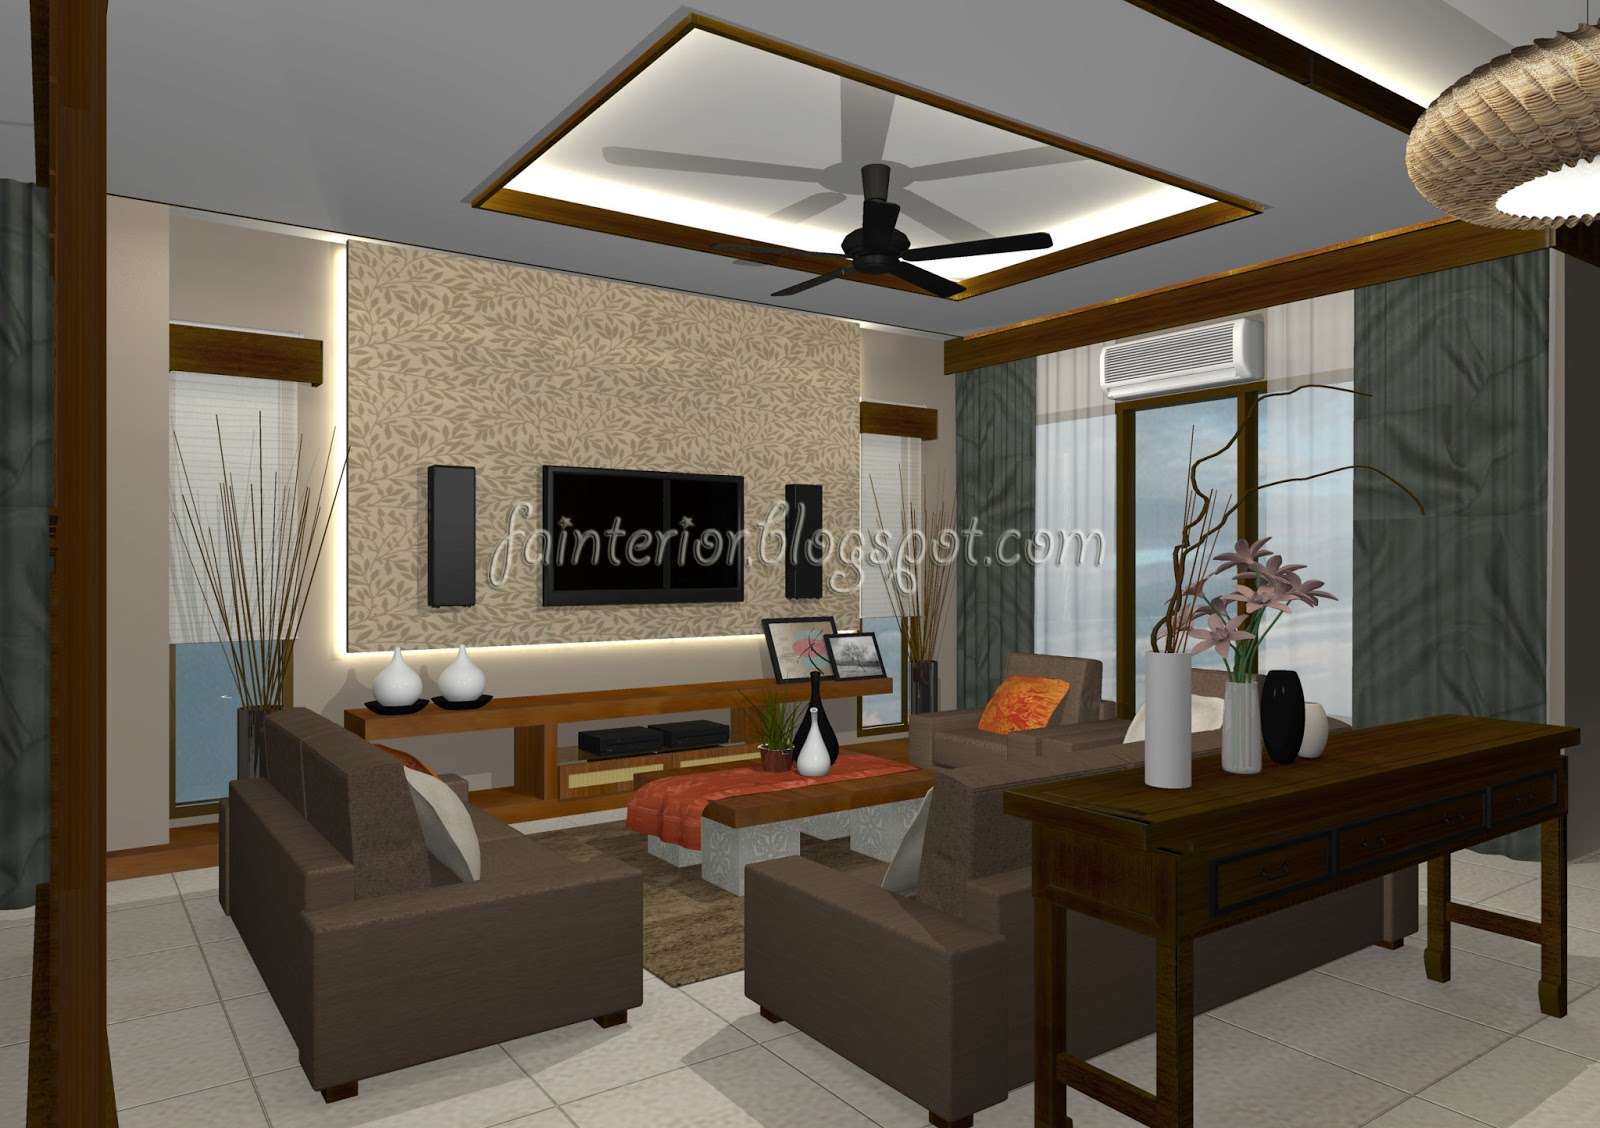 Residential Design: Fa.Interior : RESIDENTIAL INTERIOR DESIGN